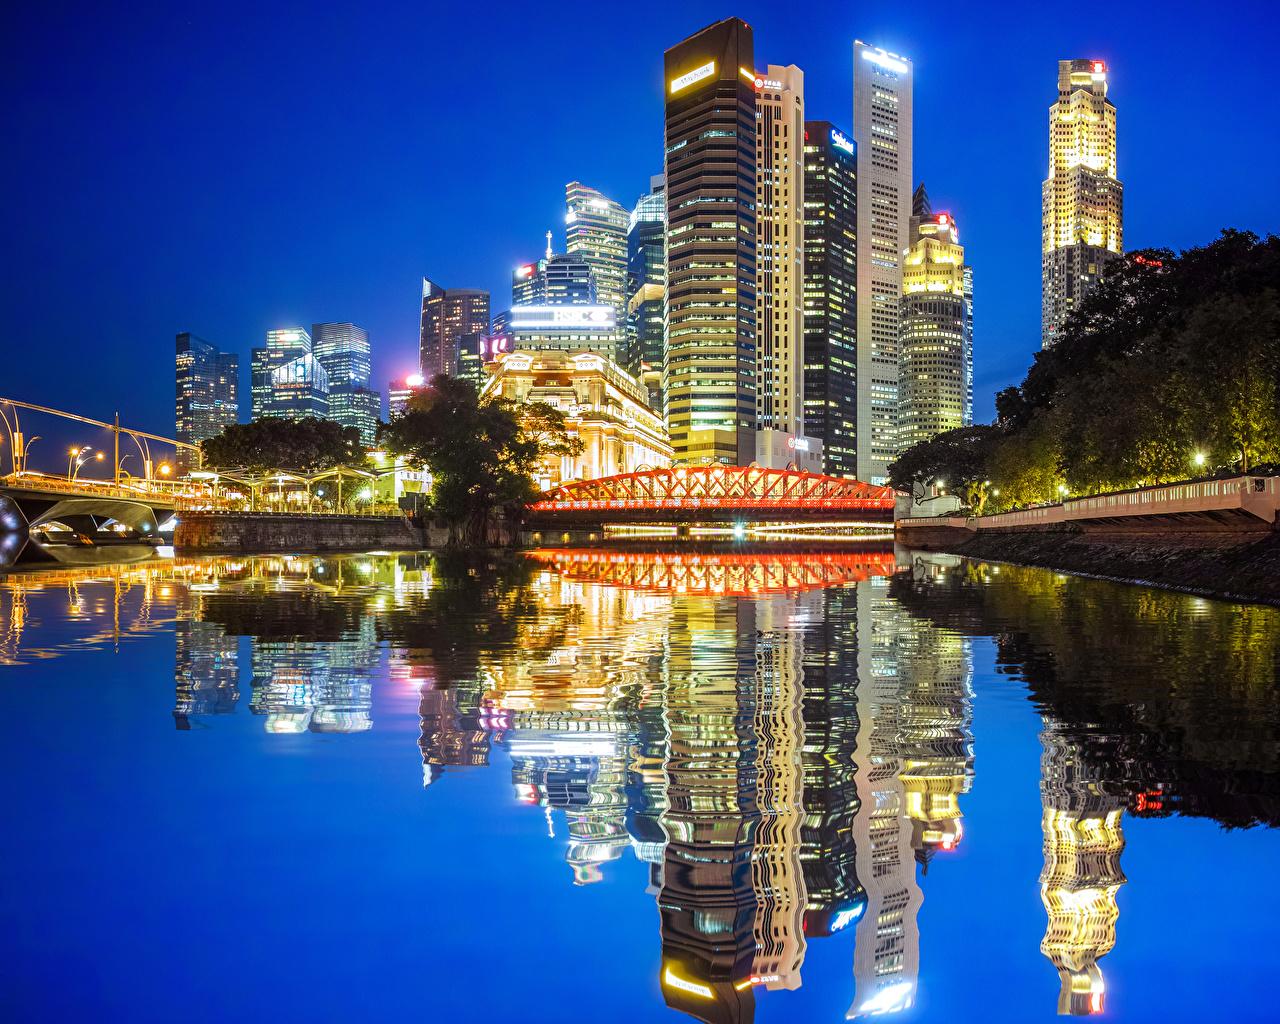 Fotos von Chicago Stadt USA Brücken Reflexion Abend Flusse Haus Städte Vereinigte Staaten spiegelt Spiegelung Spiegelbild Gebäude